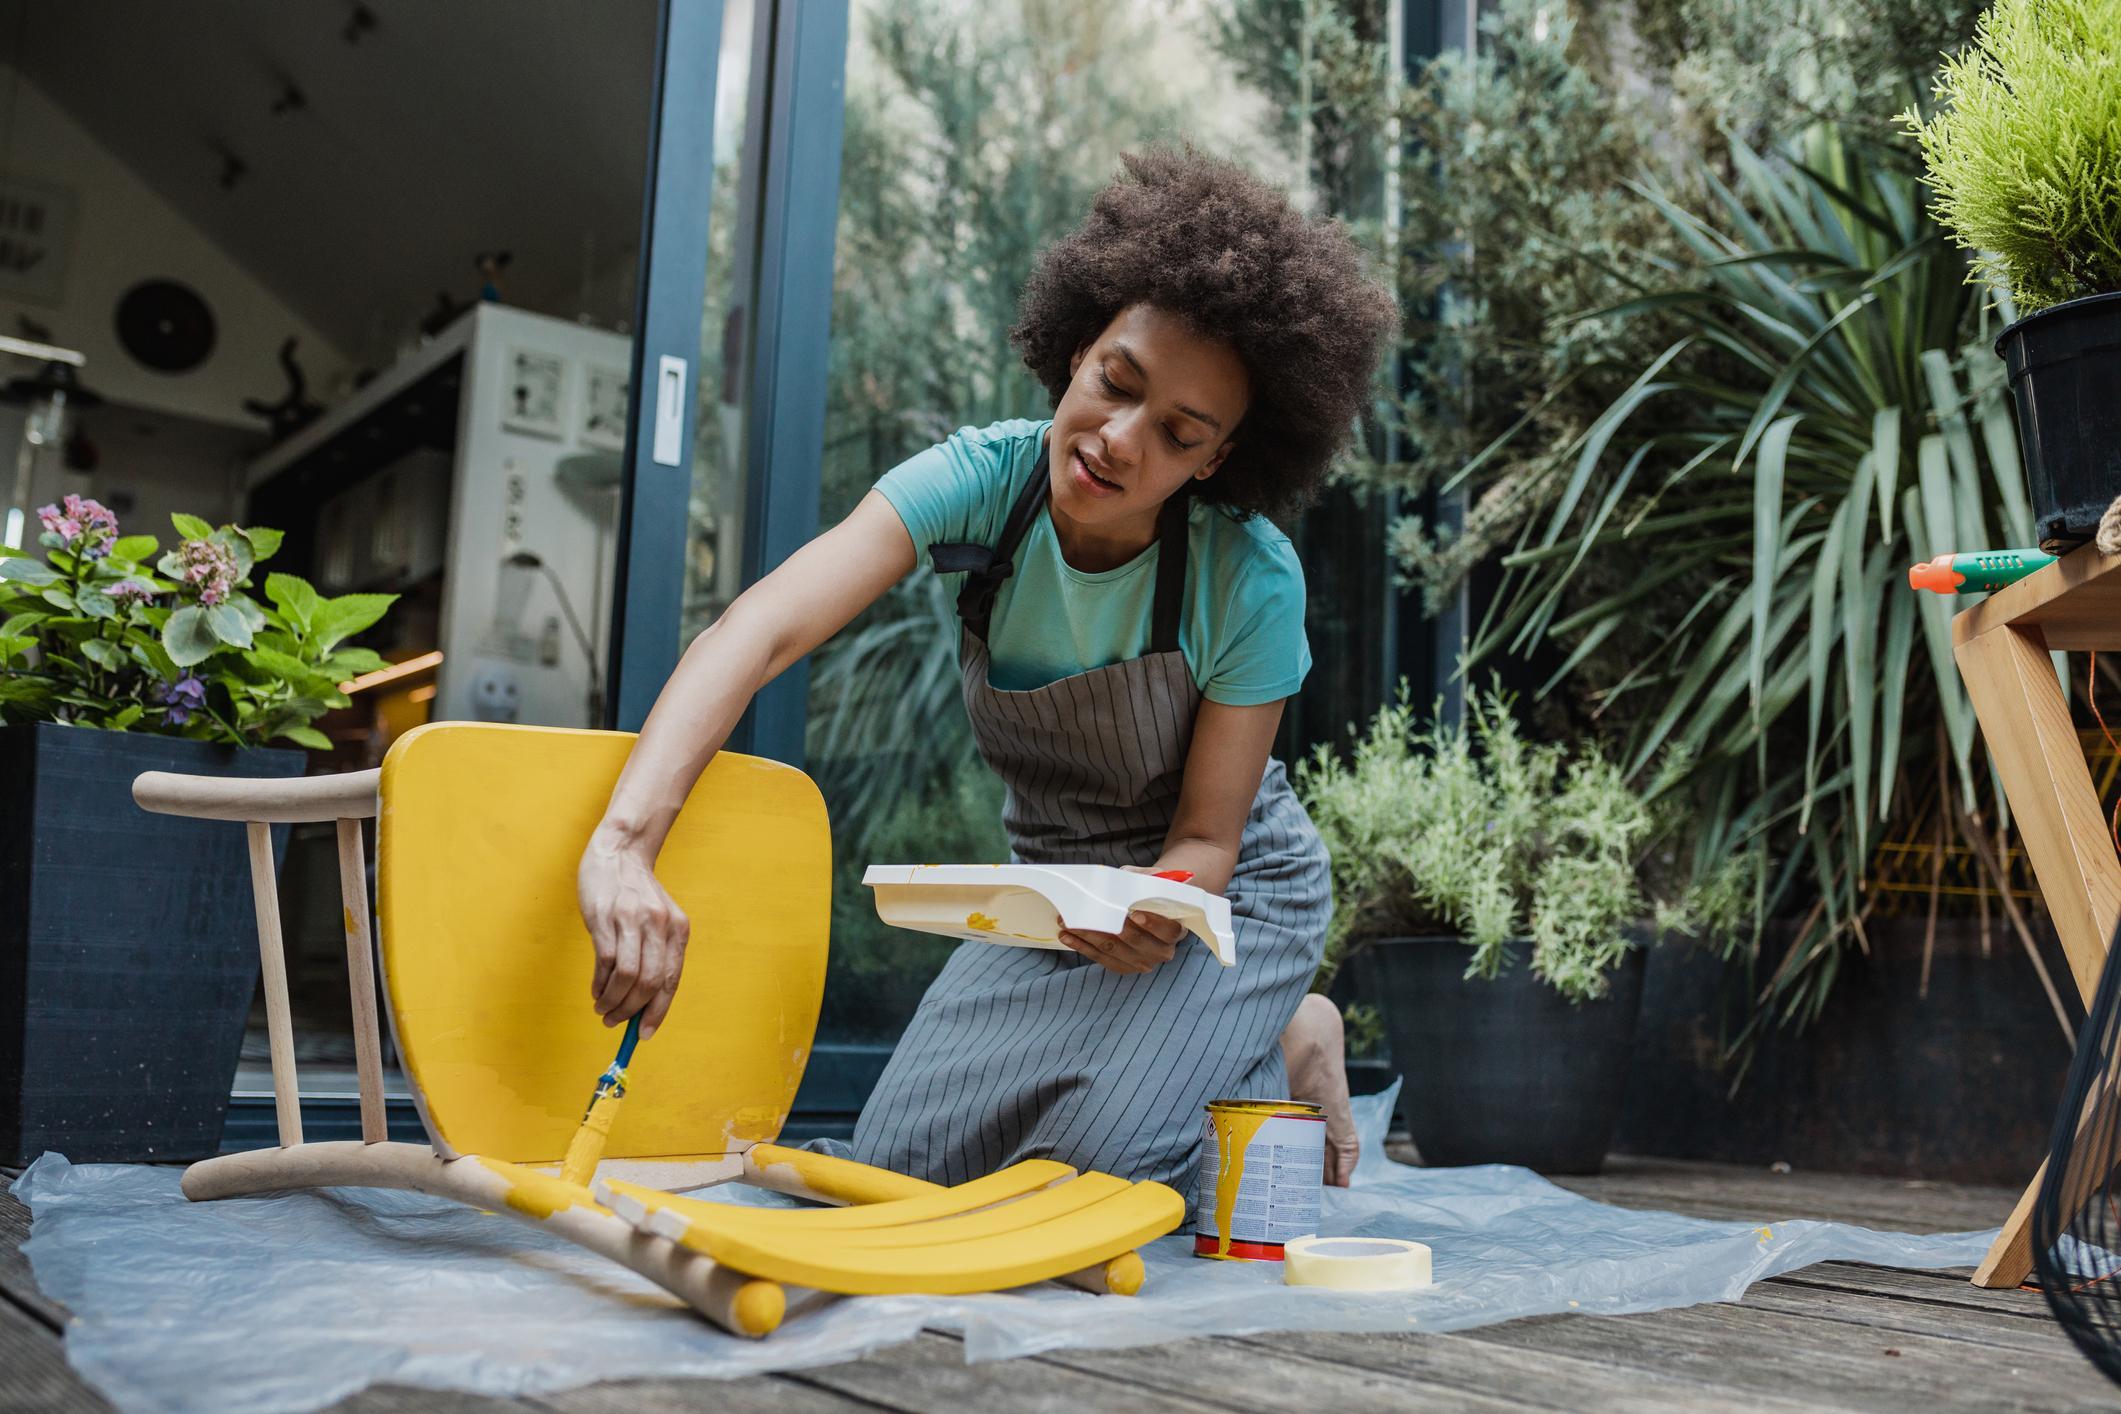 Embellissez votre domicile sans vous ruiner Thumbnail